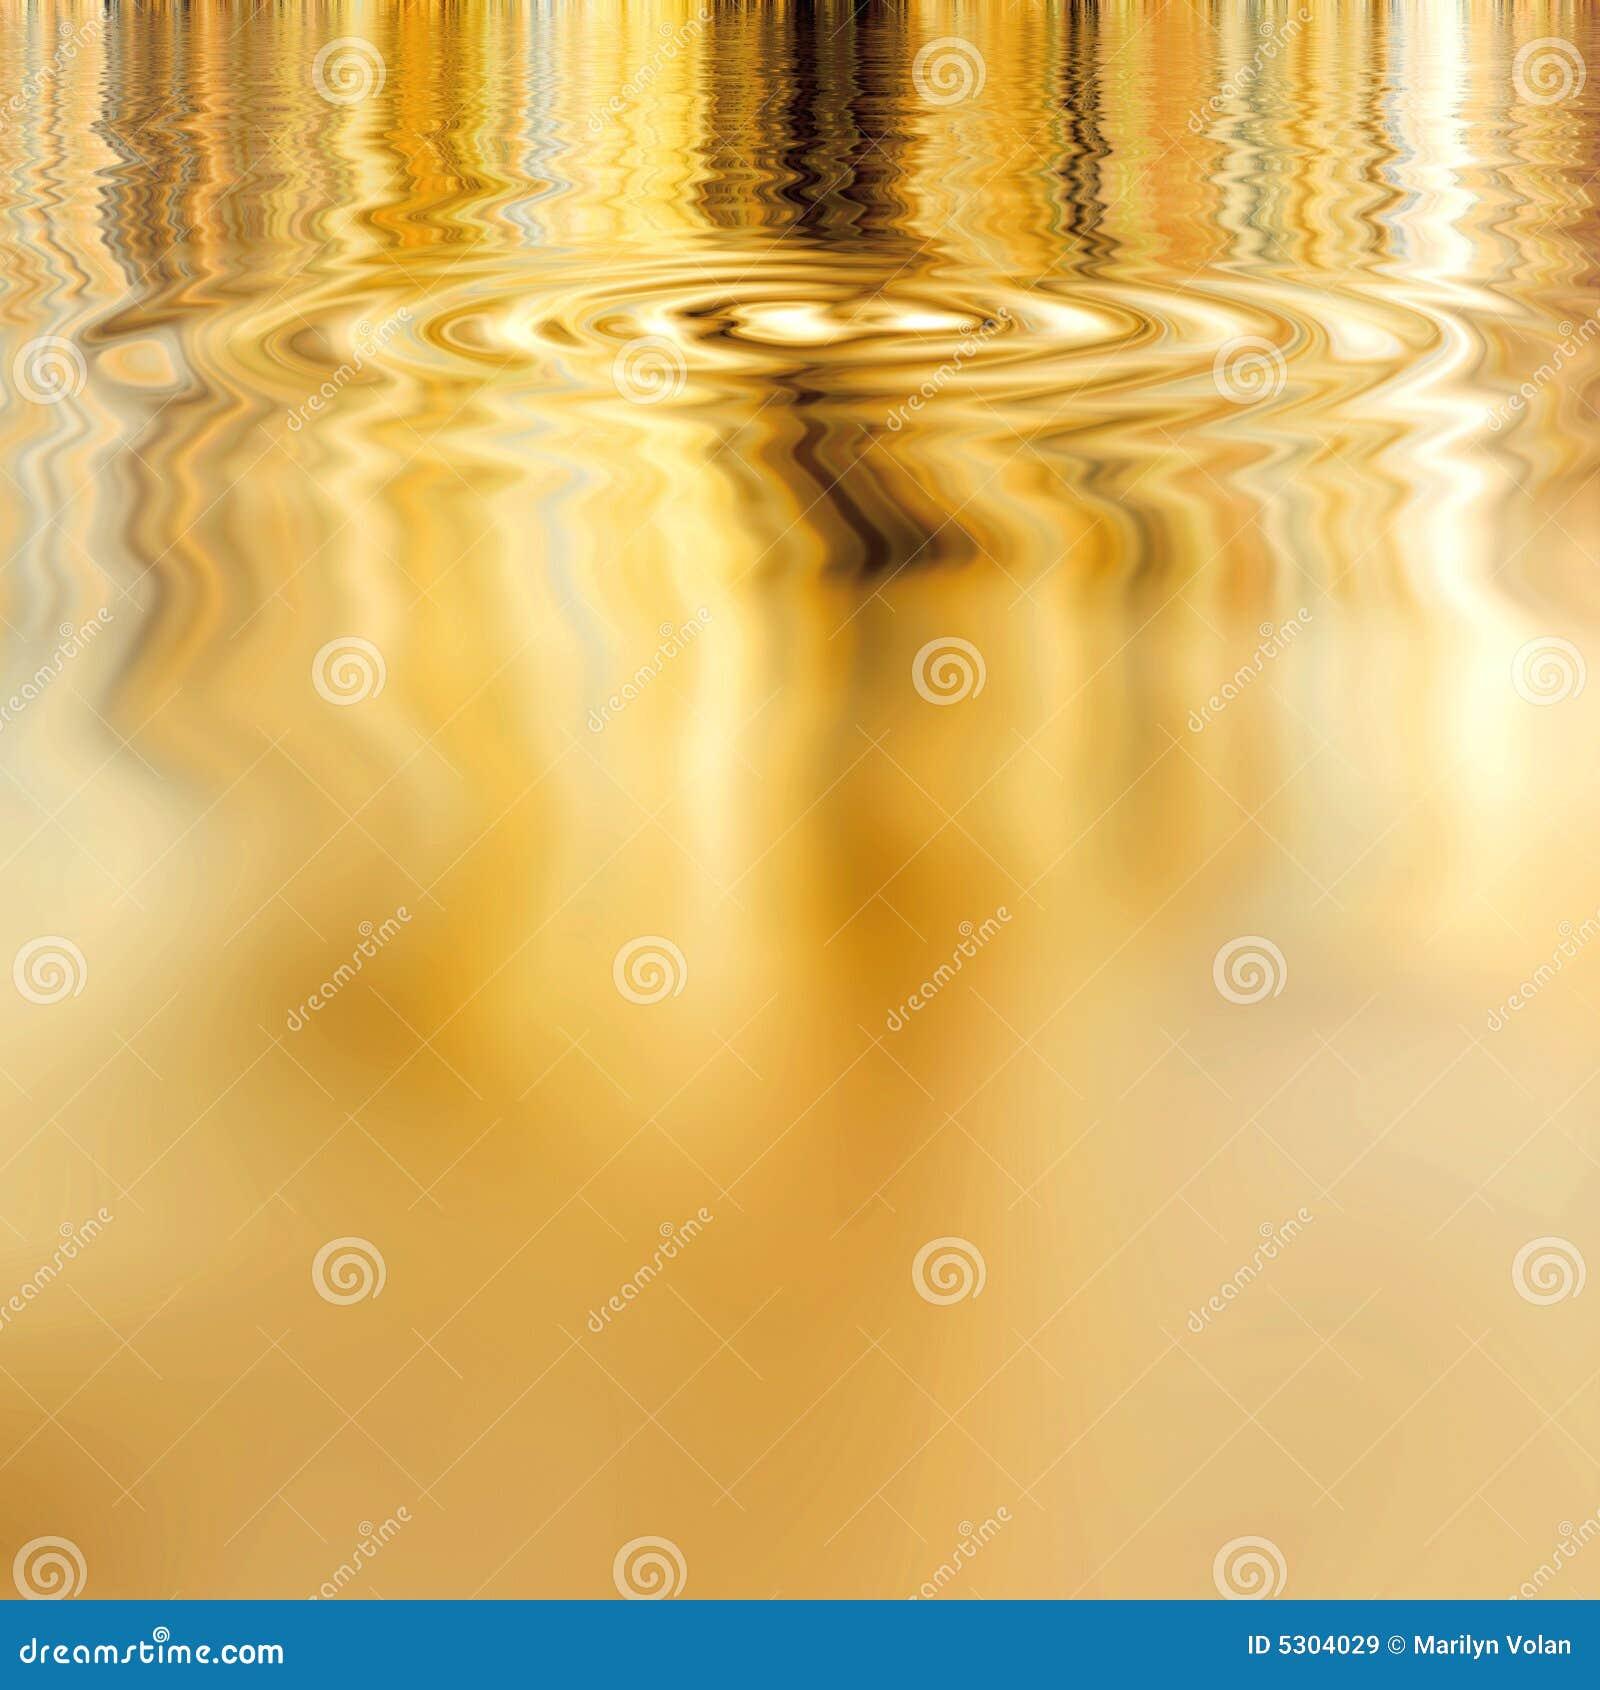 Vlot Vloeibaar Goud